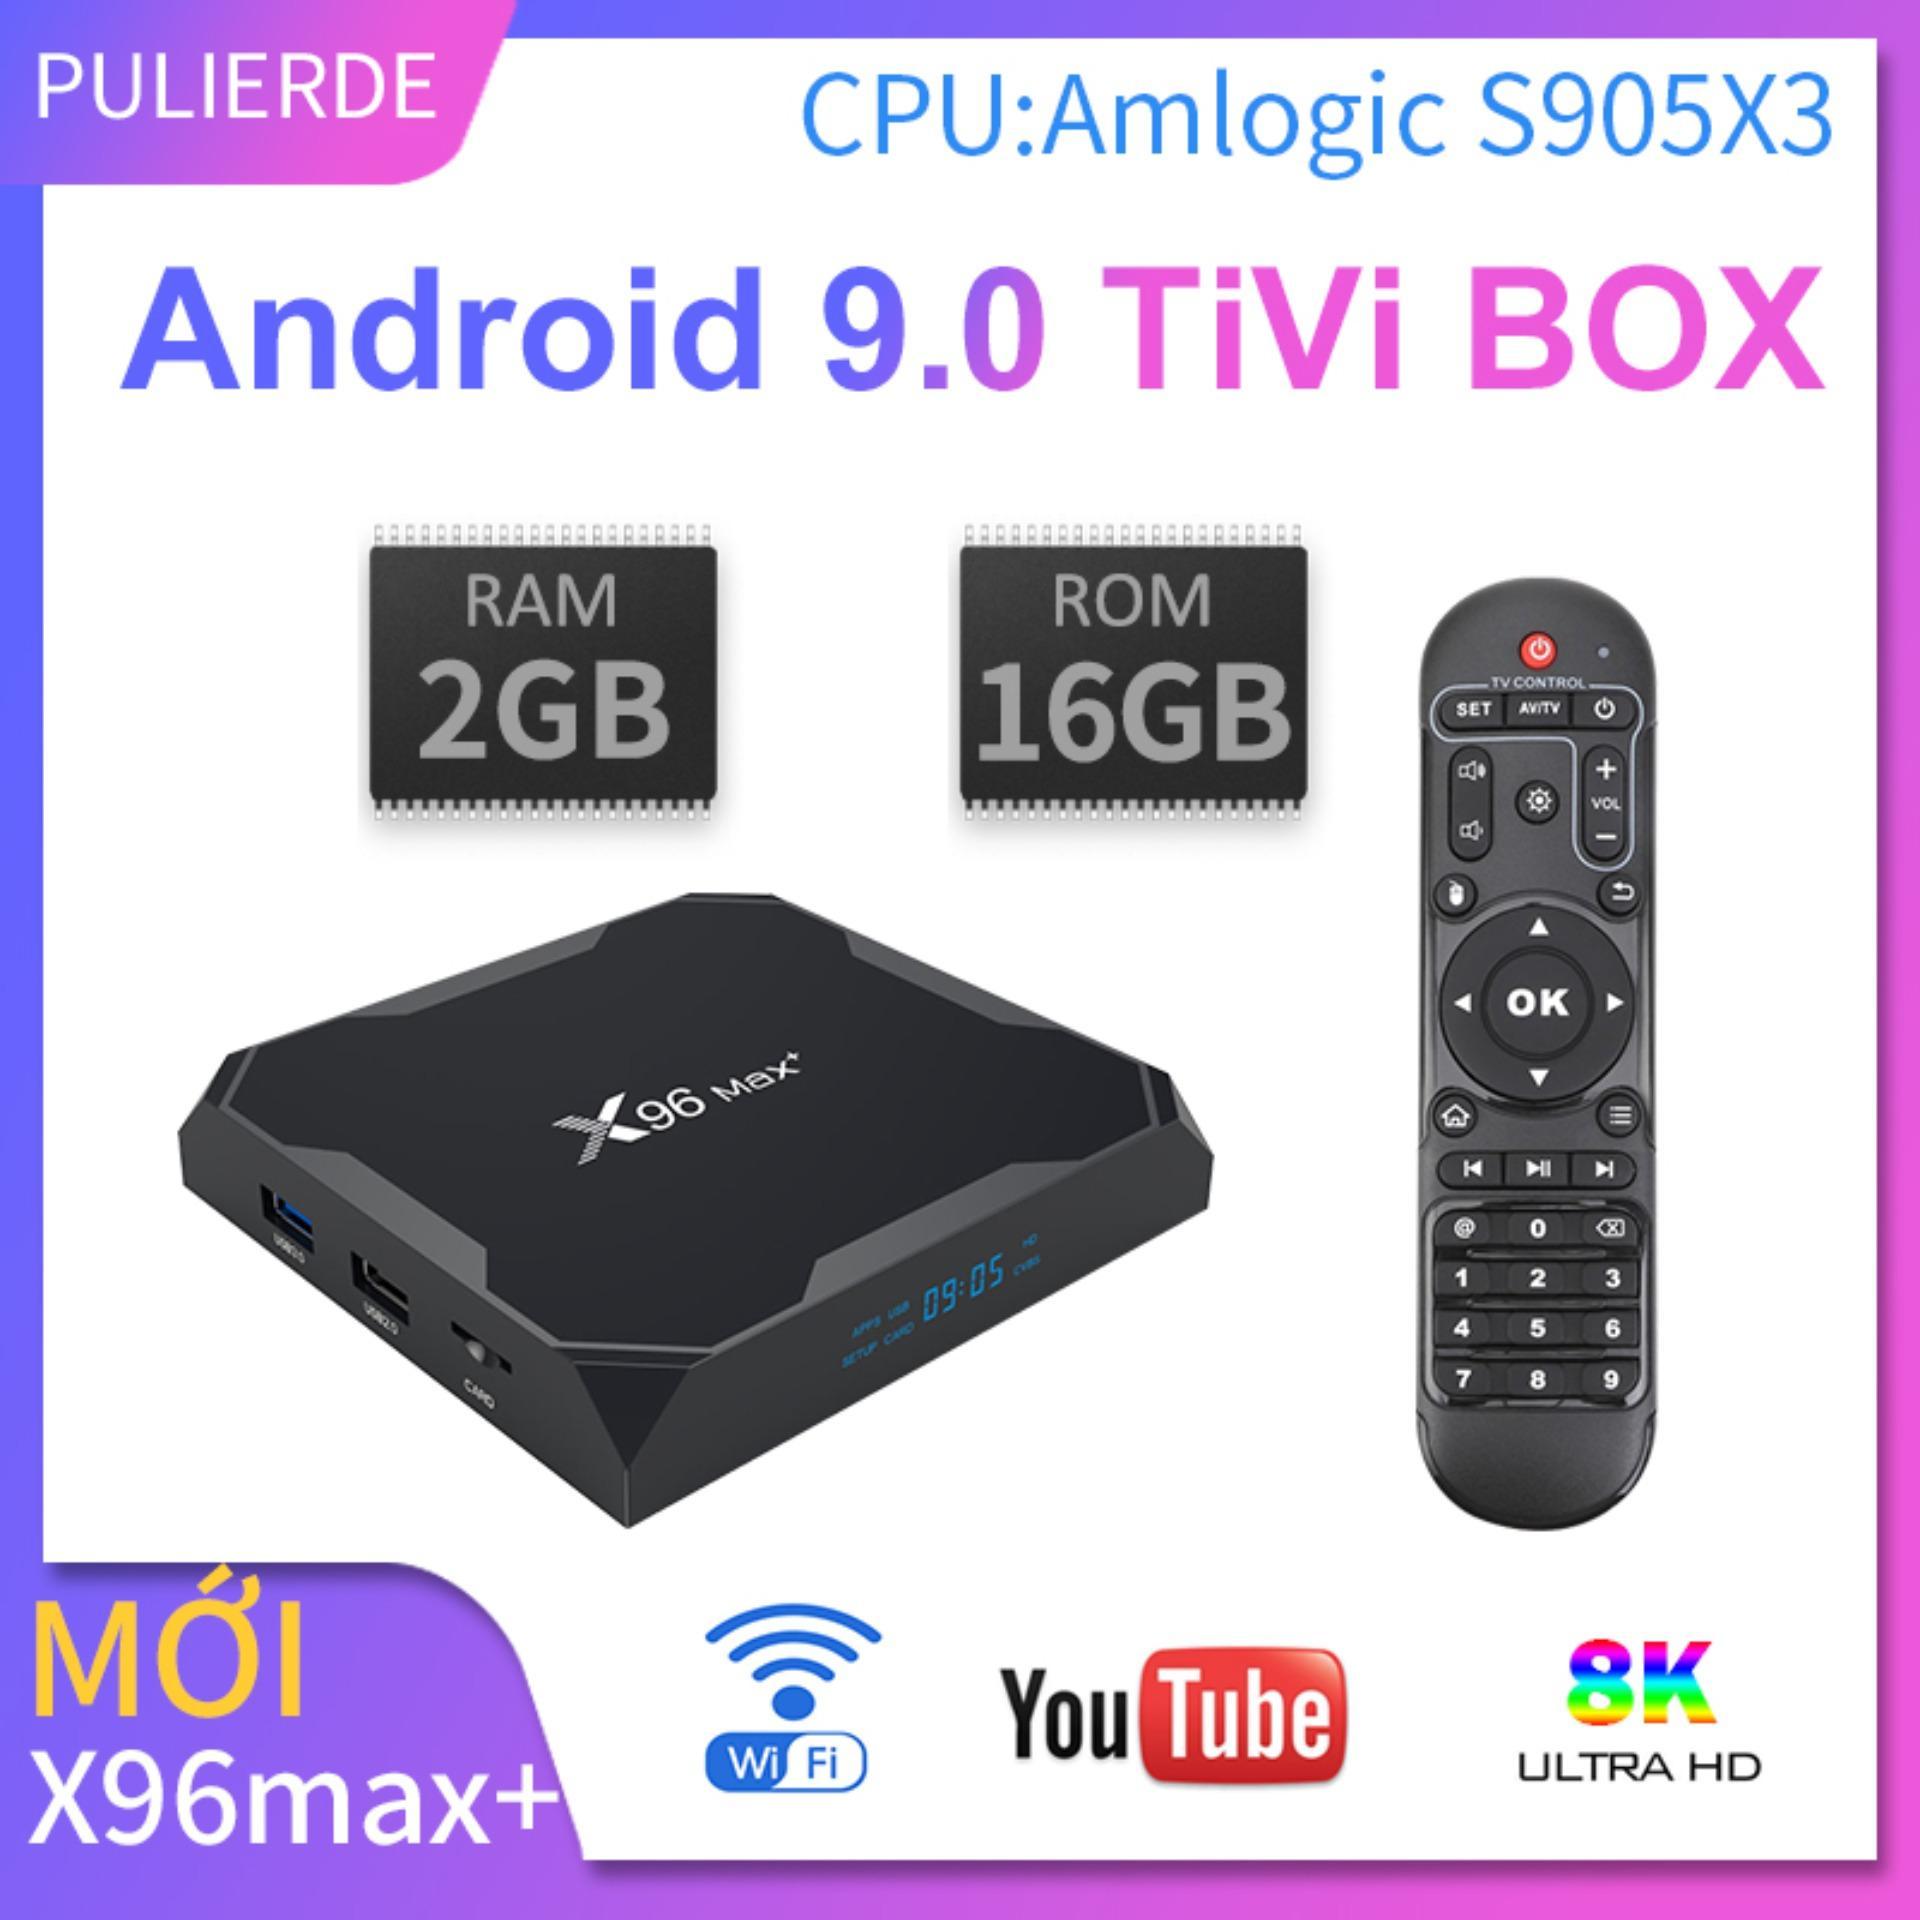 Sản Phẩm Mới X96max+ Amlogic S905x3 Tivi Box Android 9.0 2GB Ram 16GB Rom Hộp Tivi Thông Minh Trình Phát Phương Tiện Thông Minh 2.4G Wifi Hỗ Trợ 8K Giá Tiết Kiệm Nhất Thị Trường